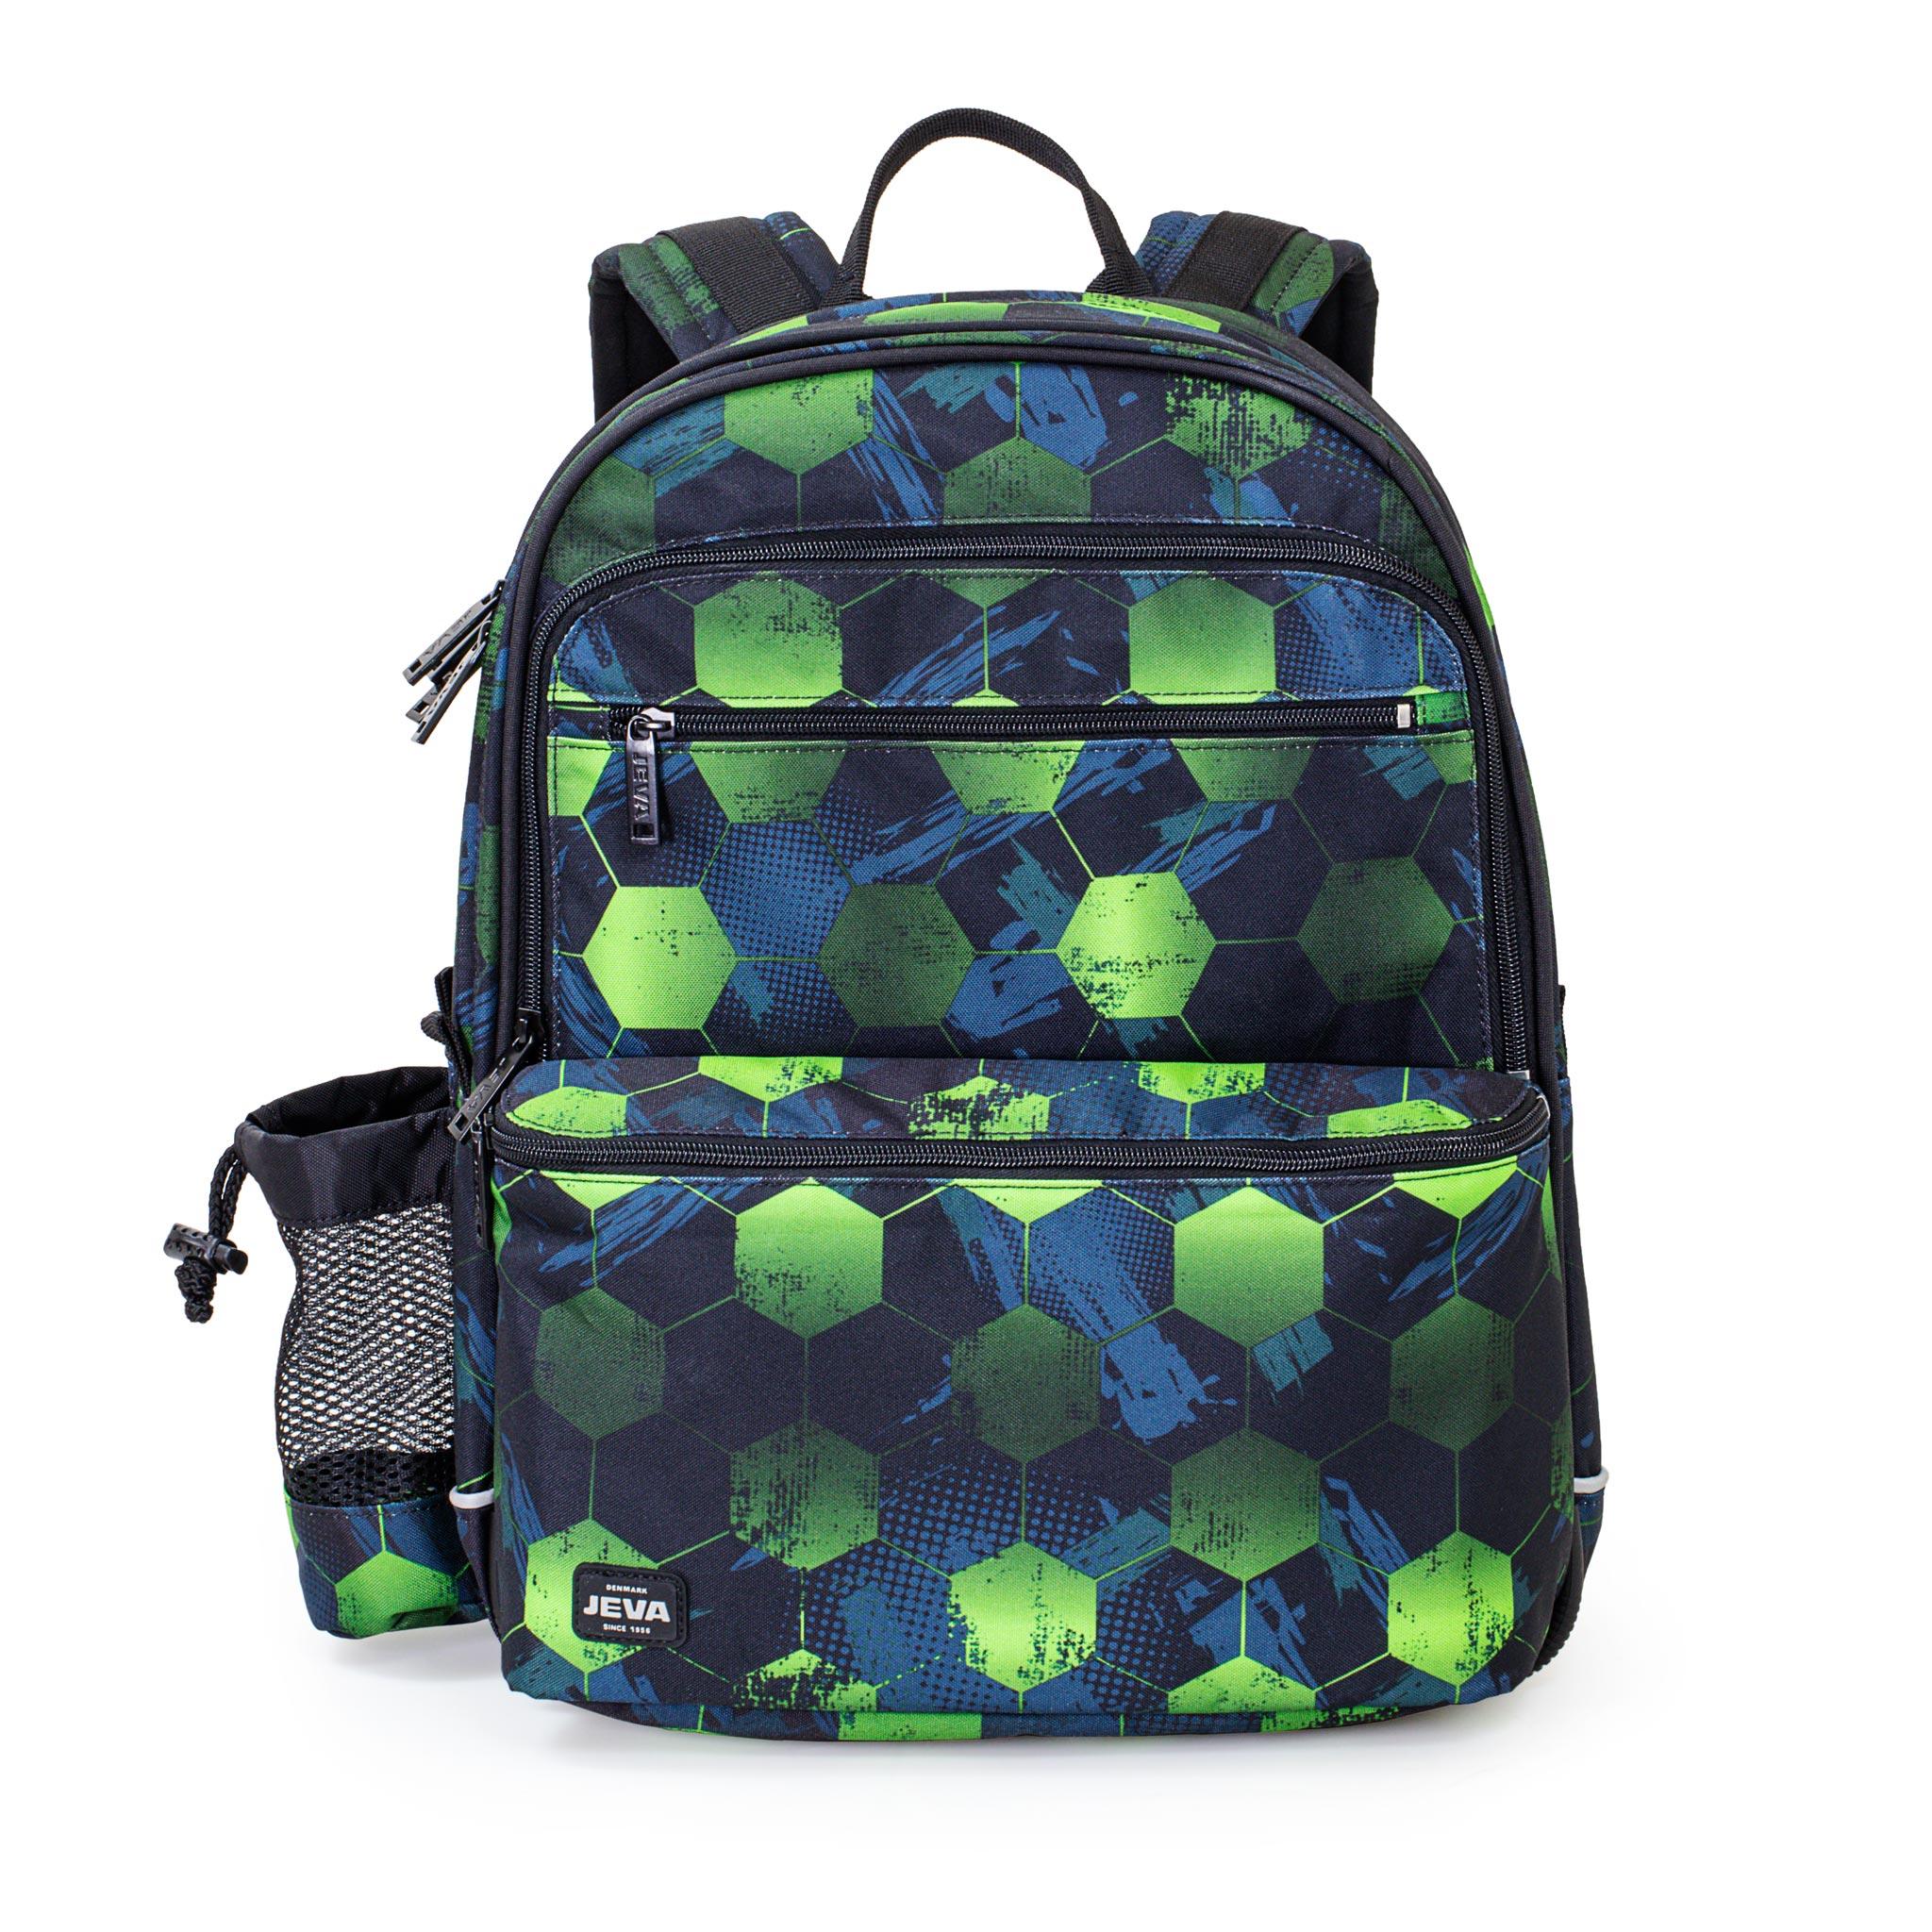 eca21881f58 Skolerygsæk til 2.-5. klasse? Se JEVA's seje rygsæk Cube SQUARE.